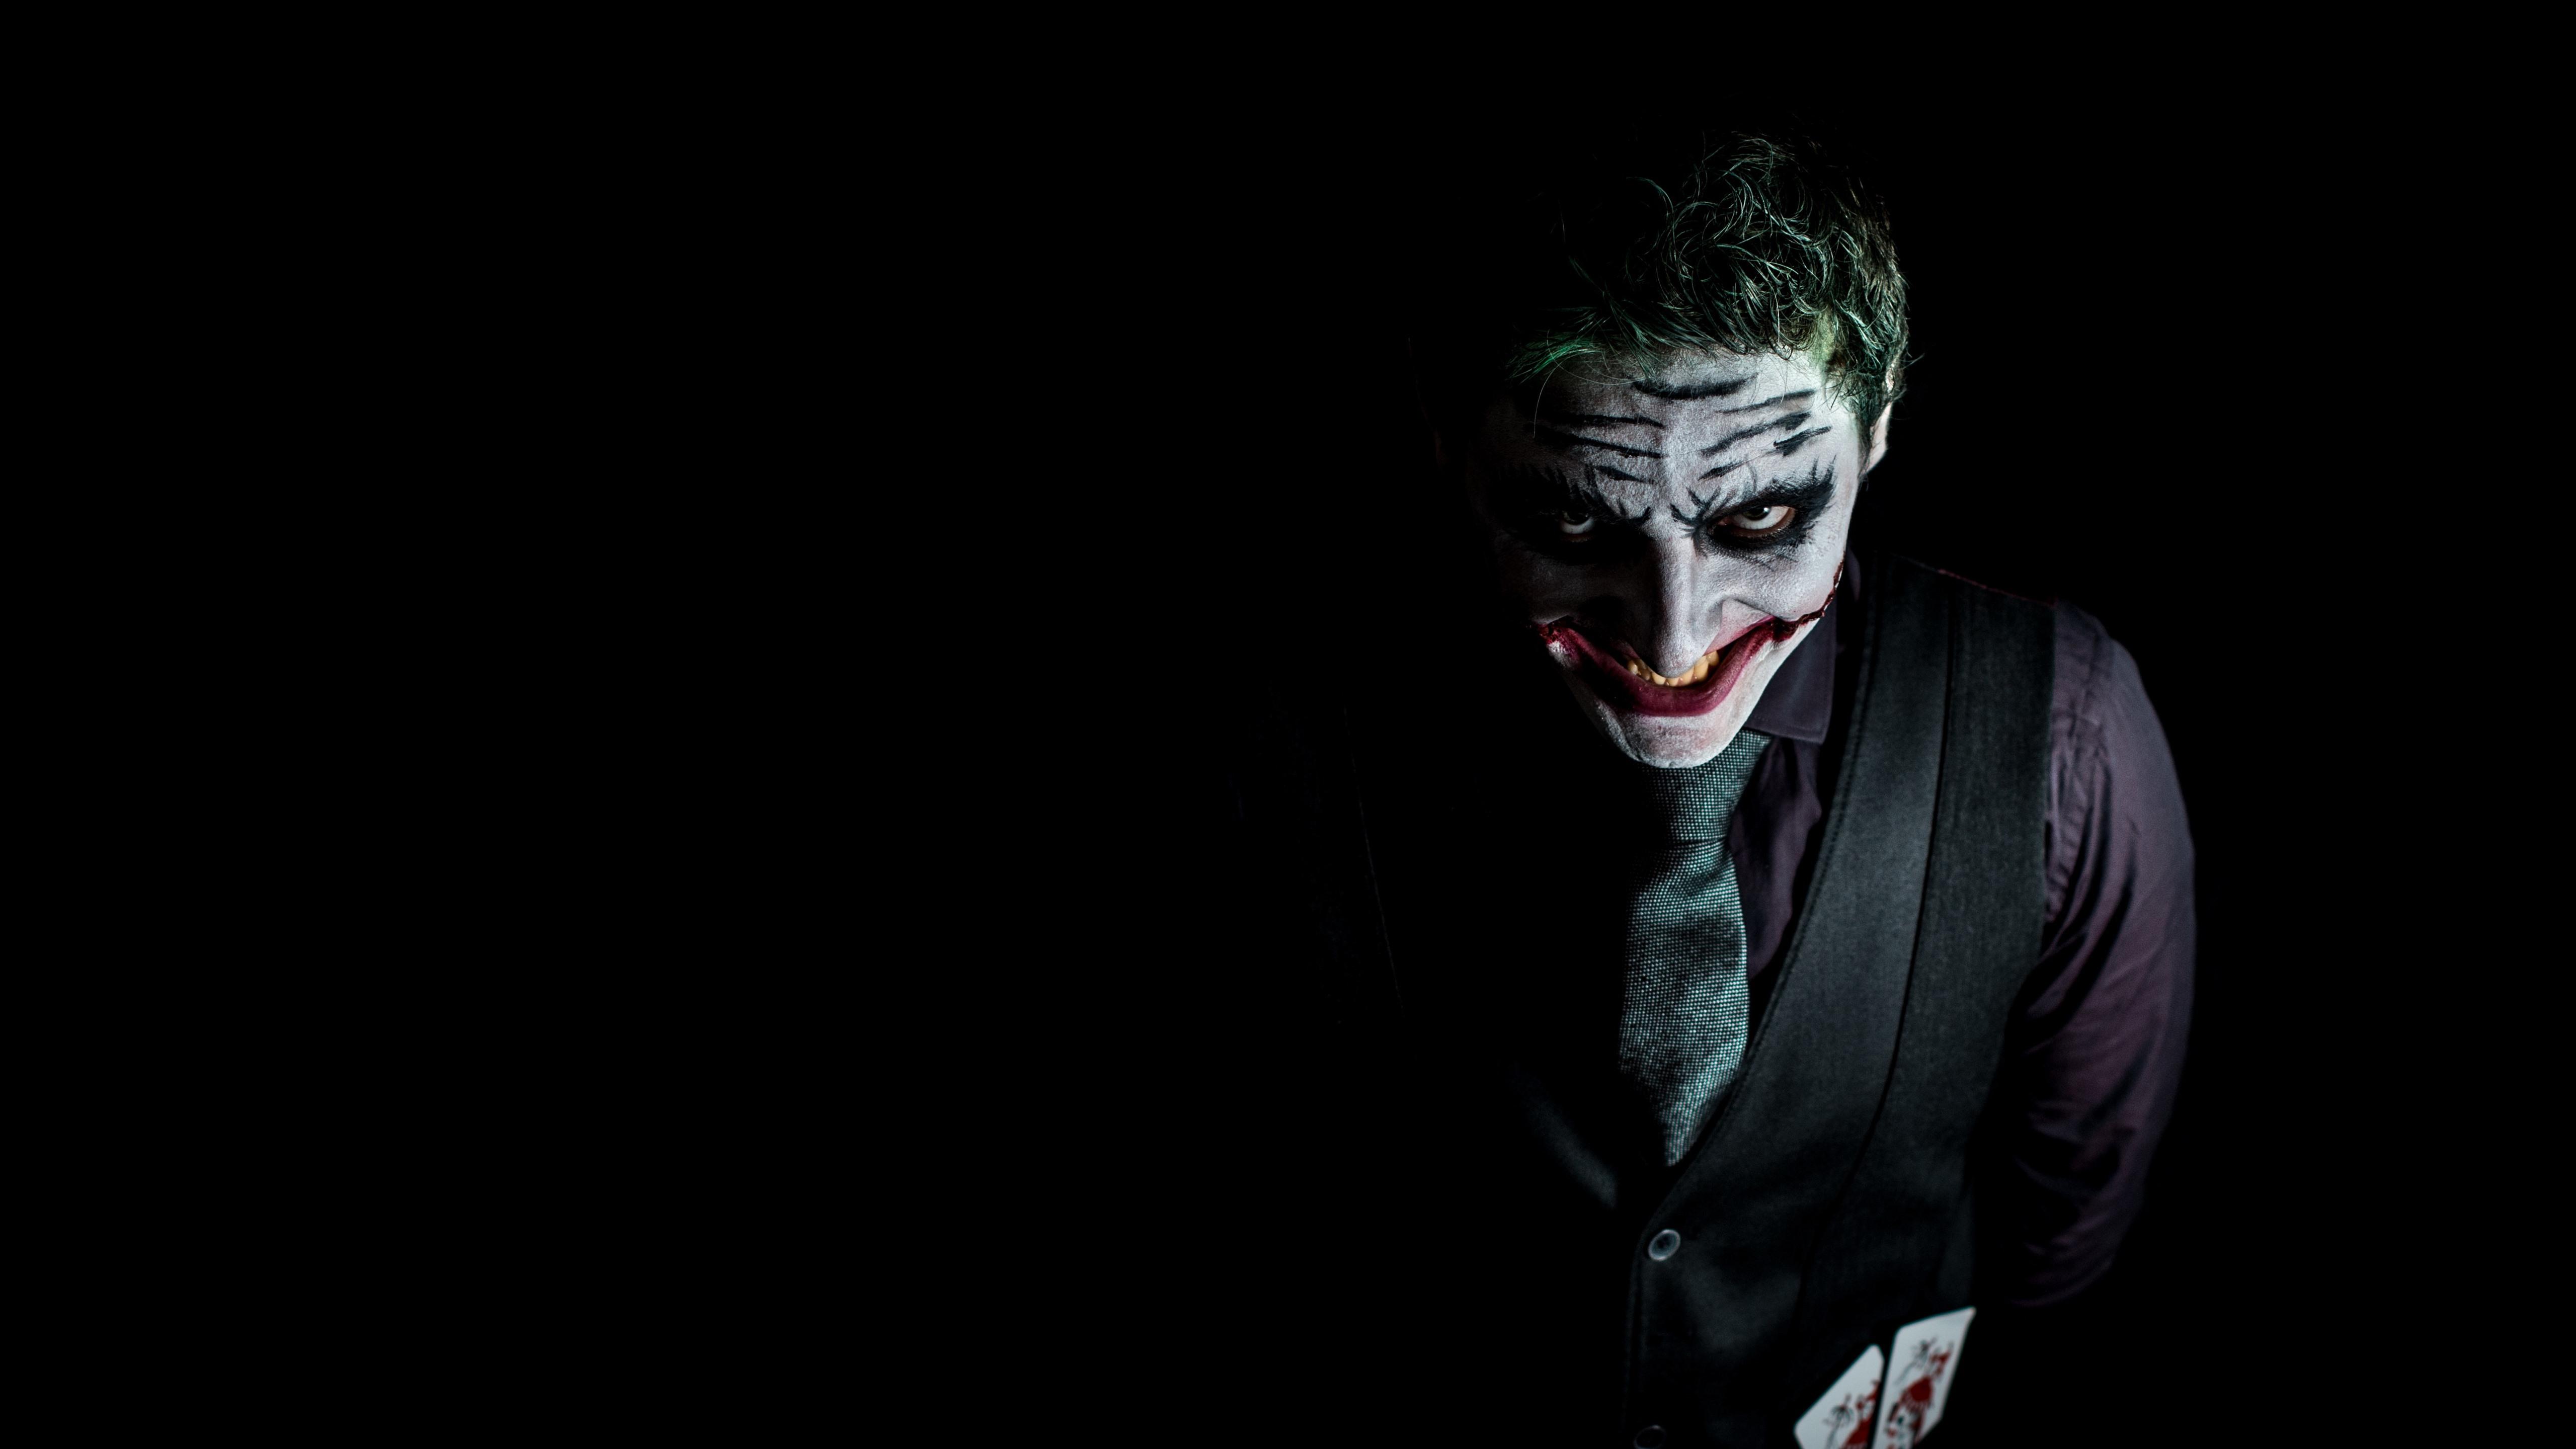 Joker Wallpaper Iphone X The Best Hd Wallpaper